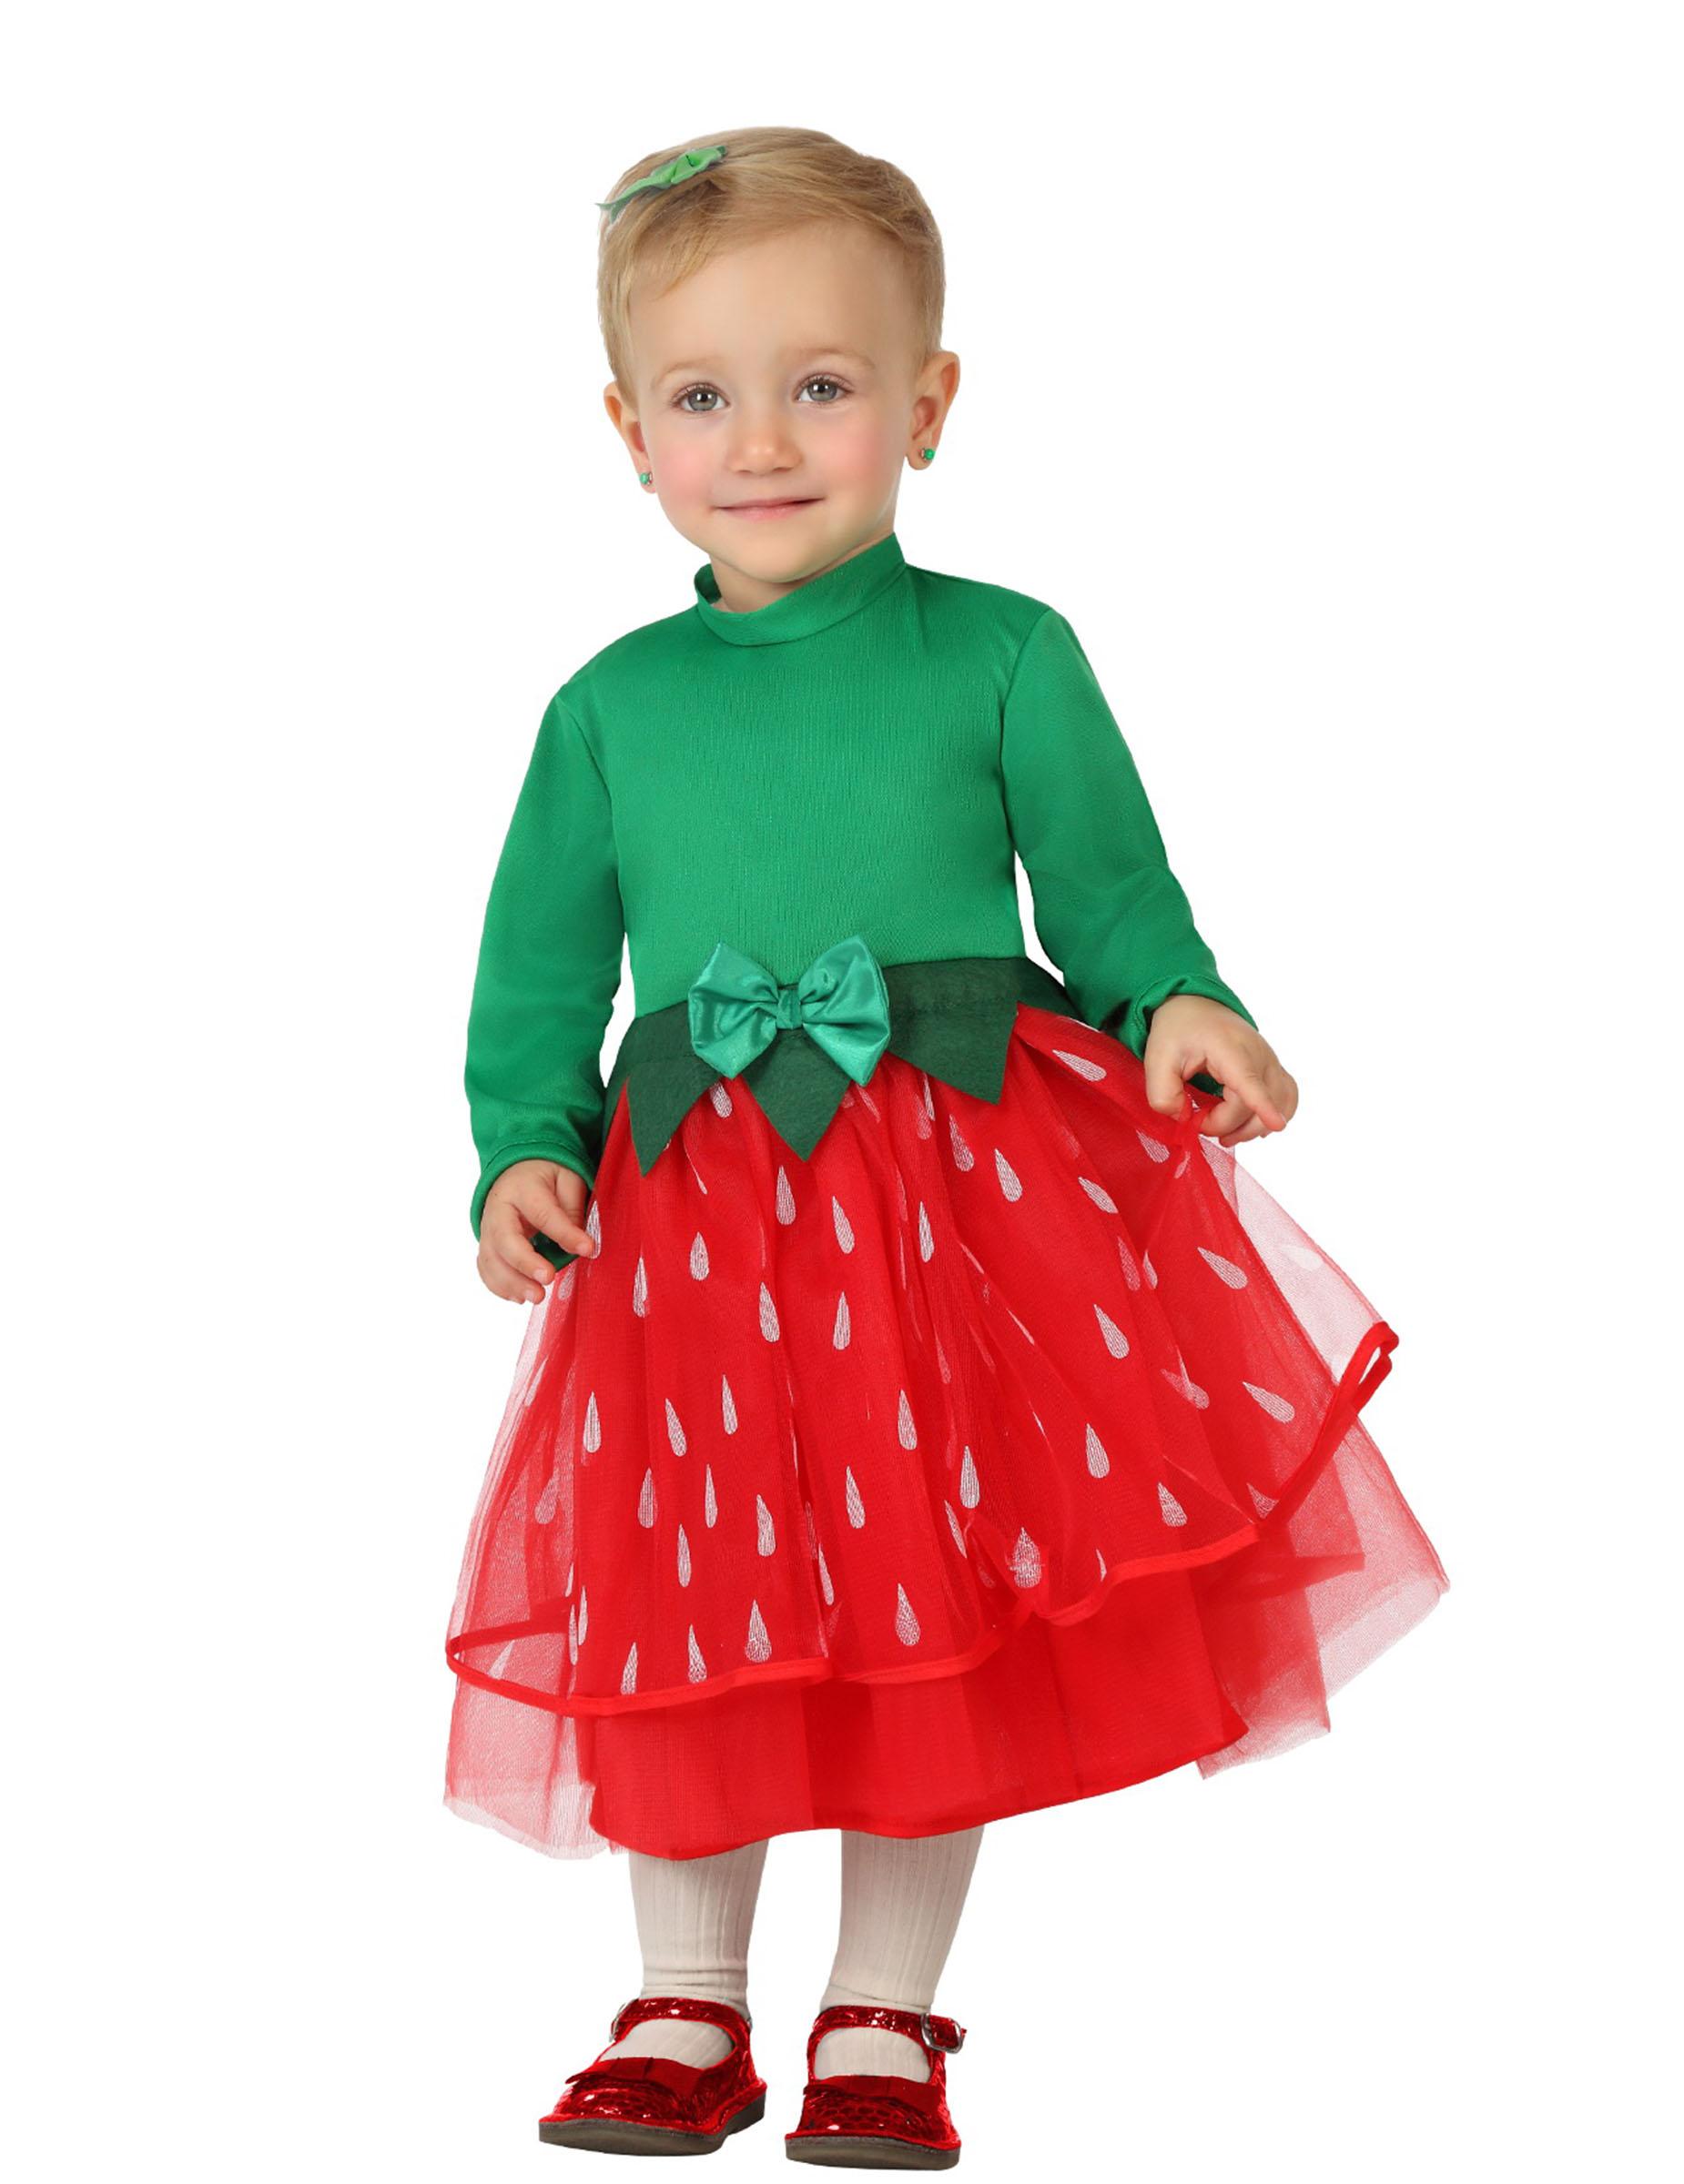 Vestiti Costume Costumi Di Bambina e Dolce Bambini Fragola xYfwqYpZ6